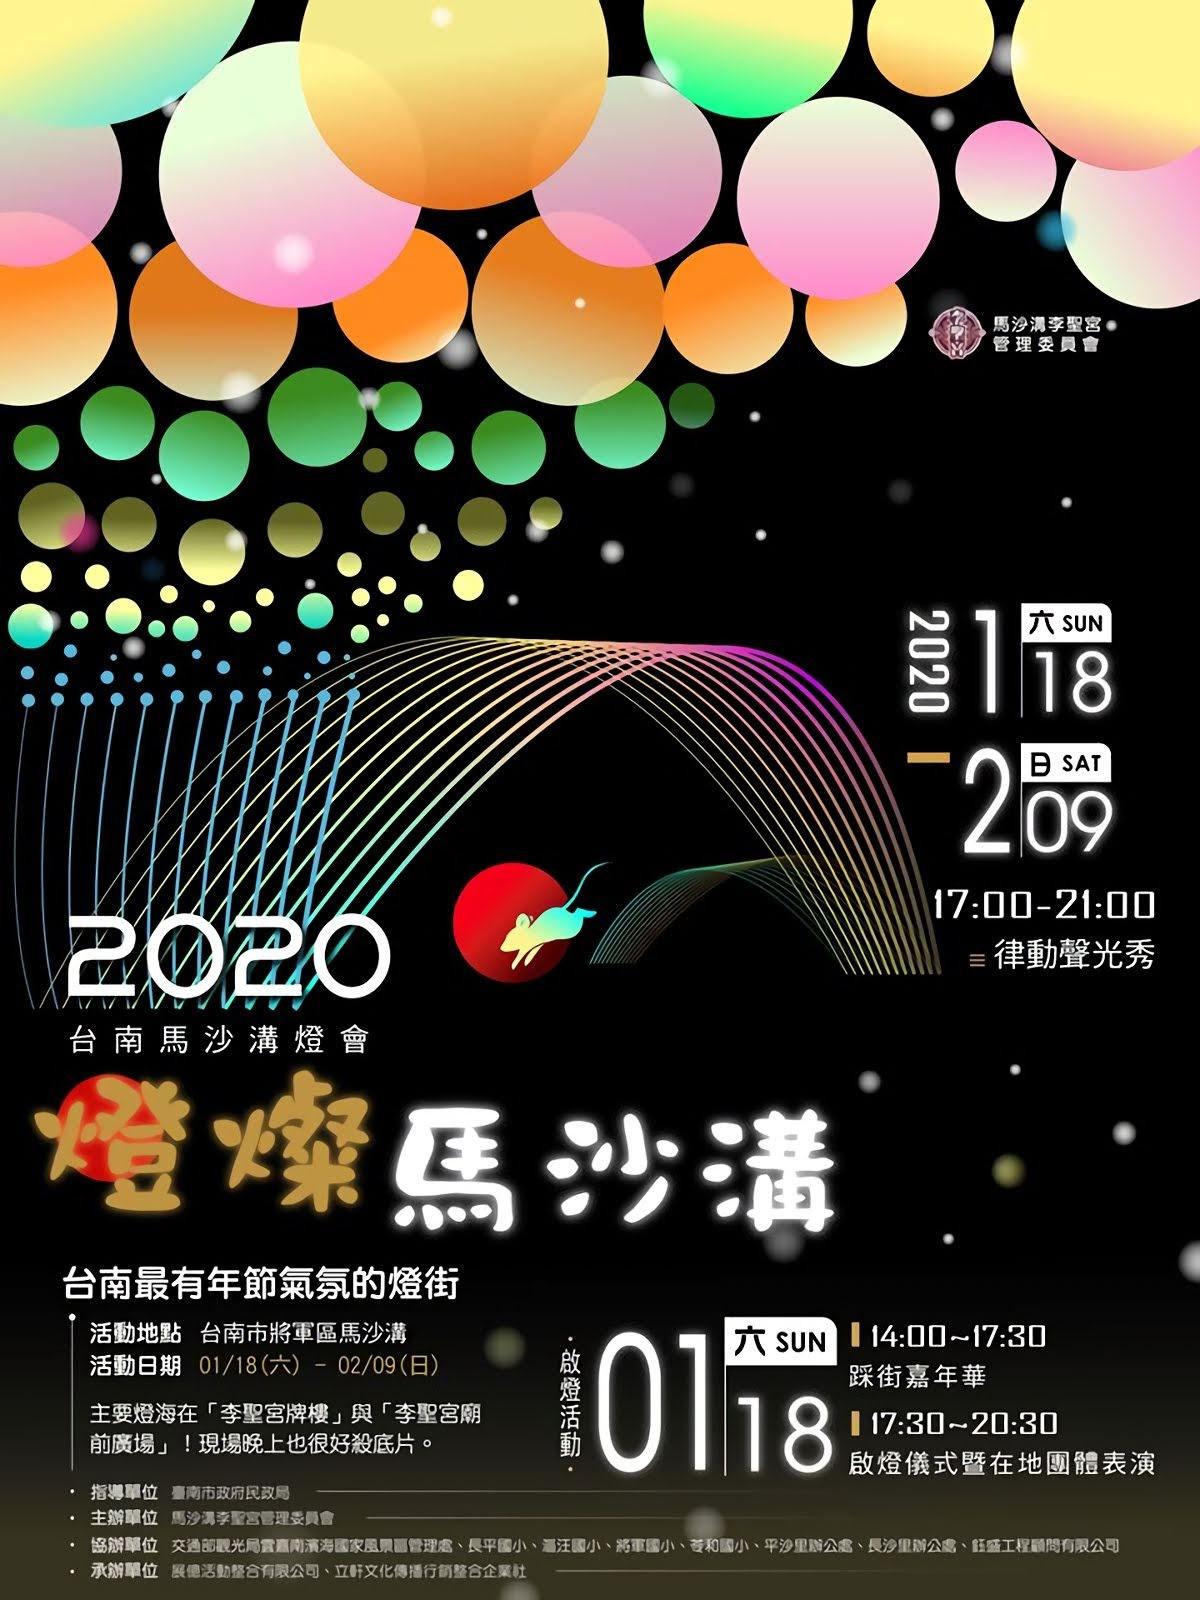 [活動] 2020璀璨馬沙溝|台南馬沙溝燈會|最有年節氣氛的燈會1/18開展